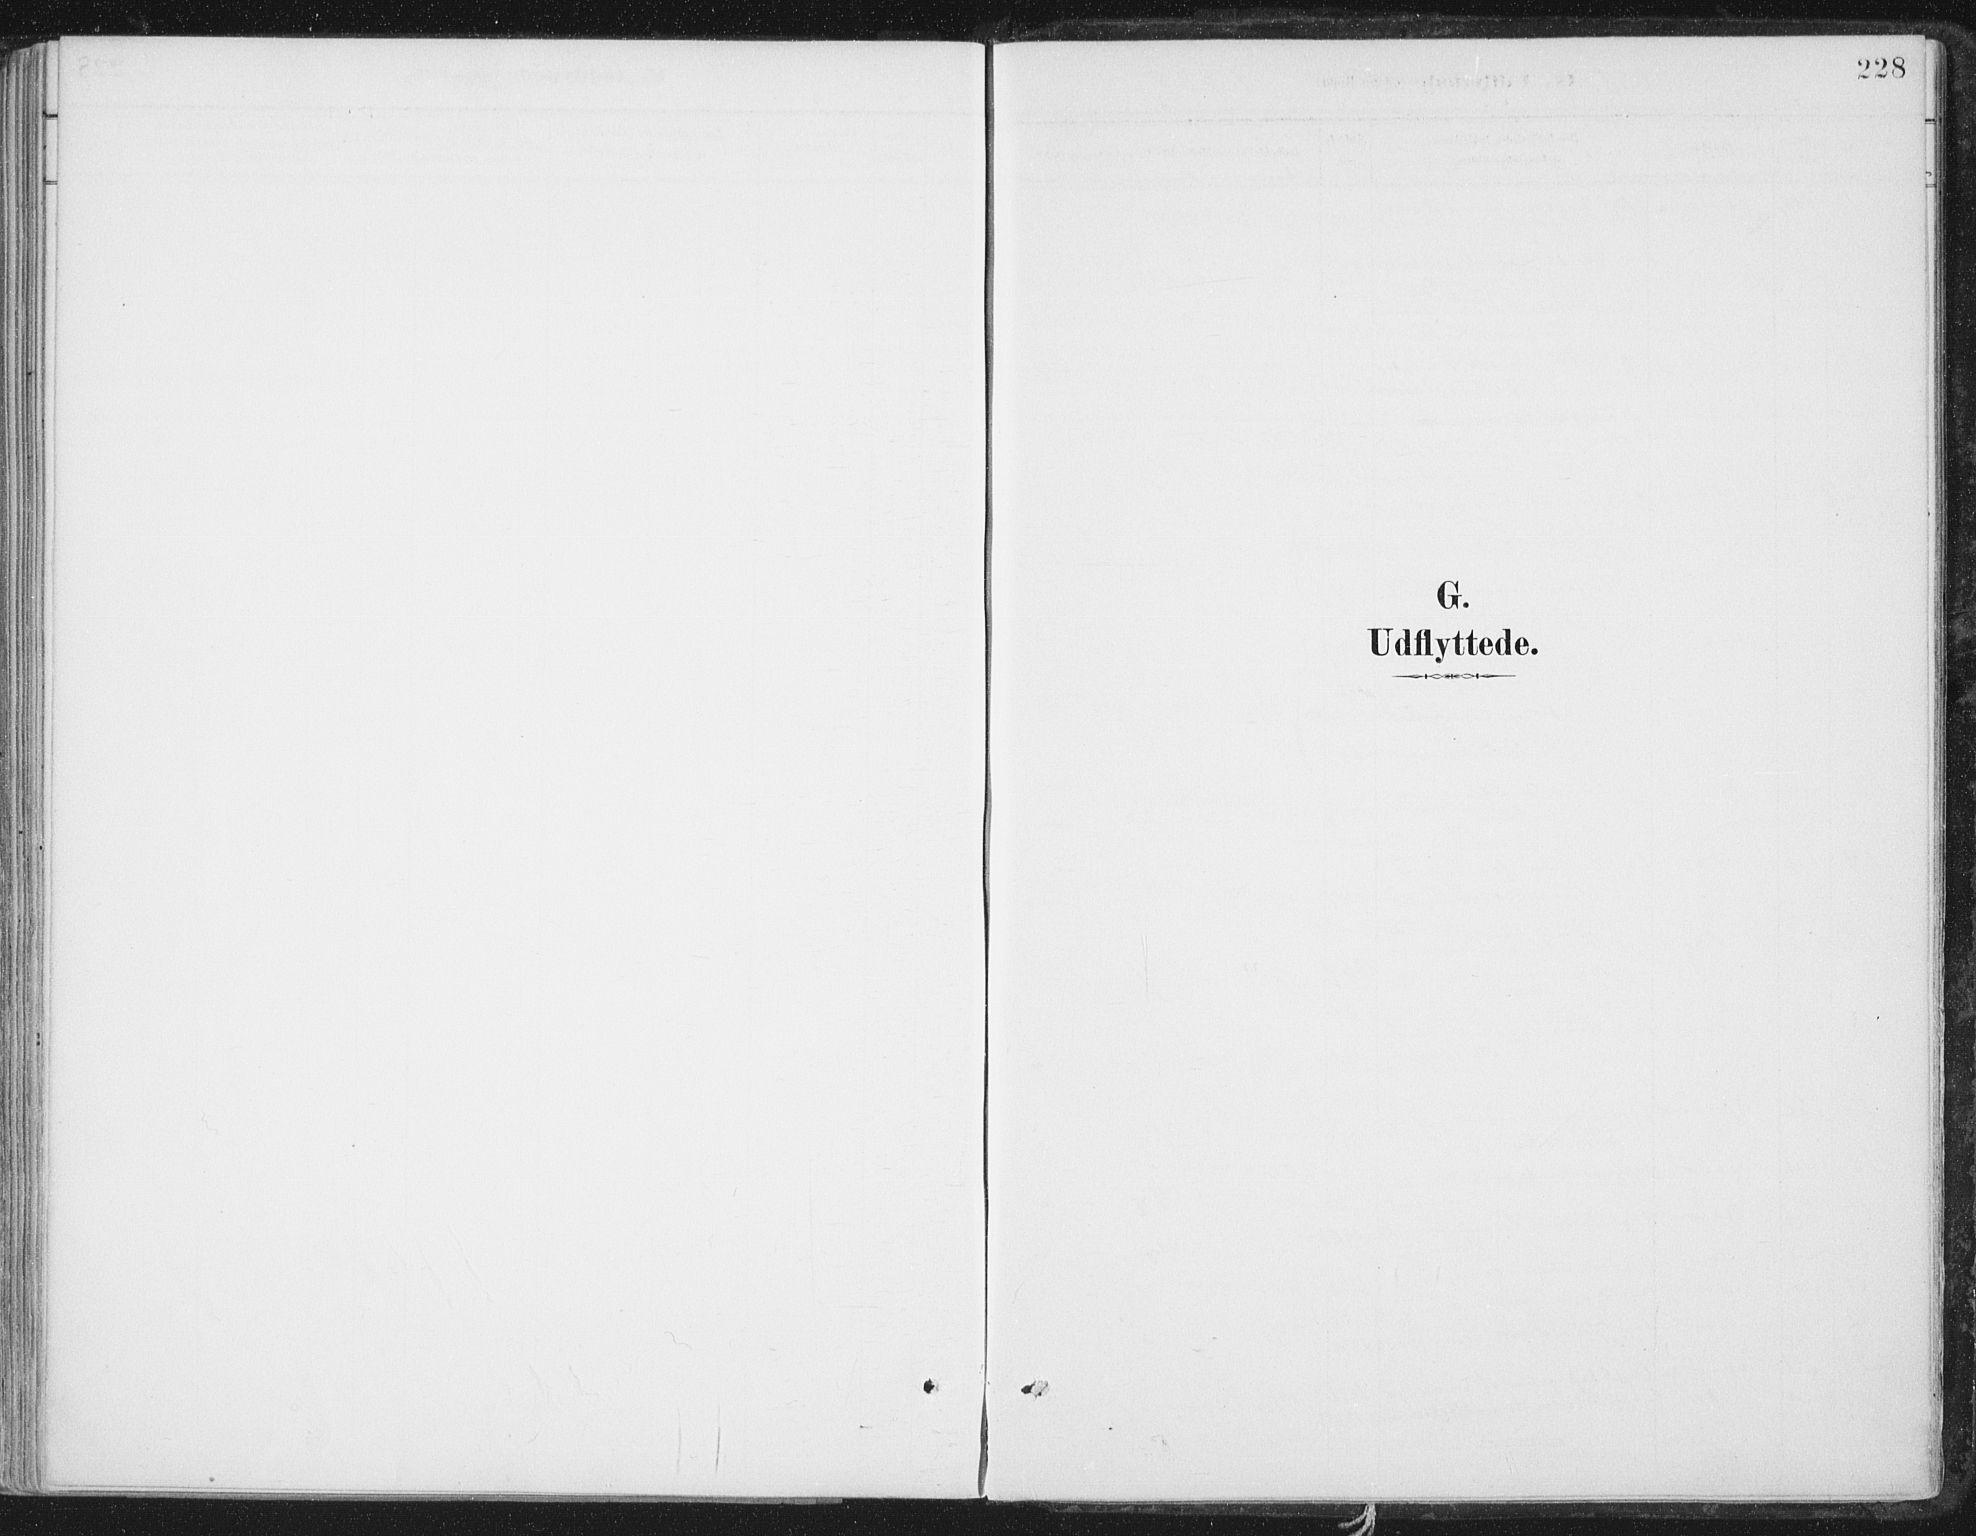 SAT, Ministerialprotokoller, klokkerbøker og fødselsregistre - Nord-Trøndelag, 786/L0687: Ministerialbok nr. 786A03, 1888-1898, s. 228